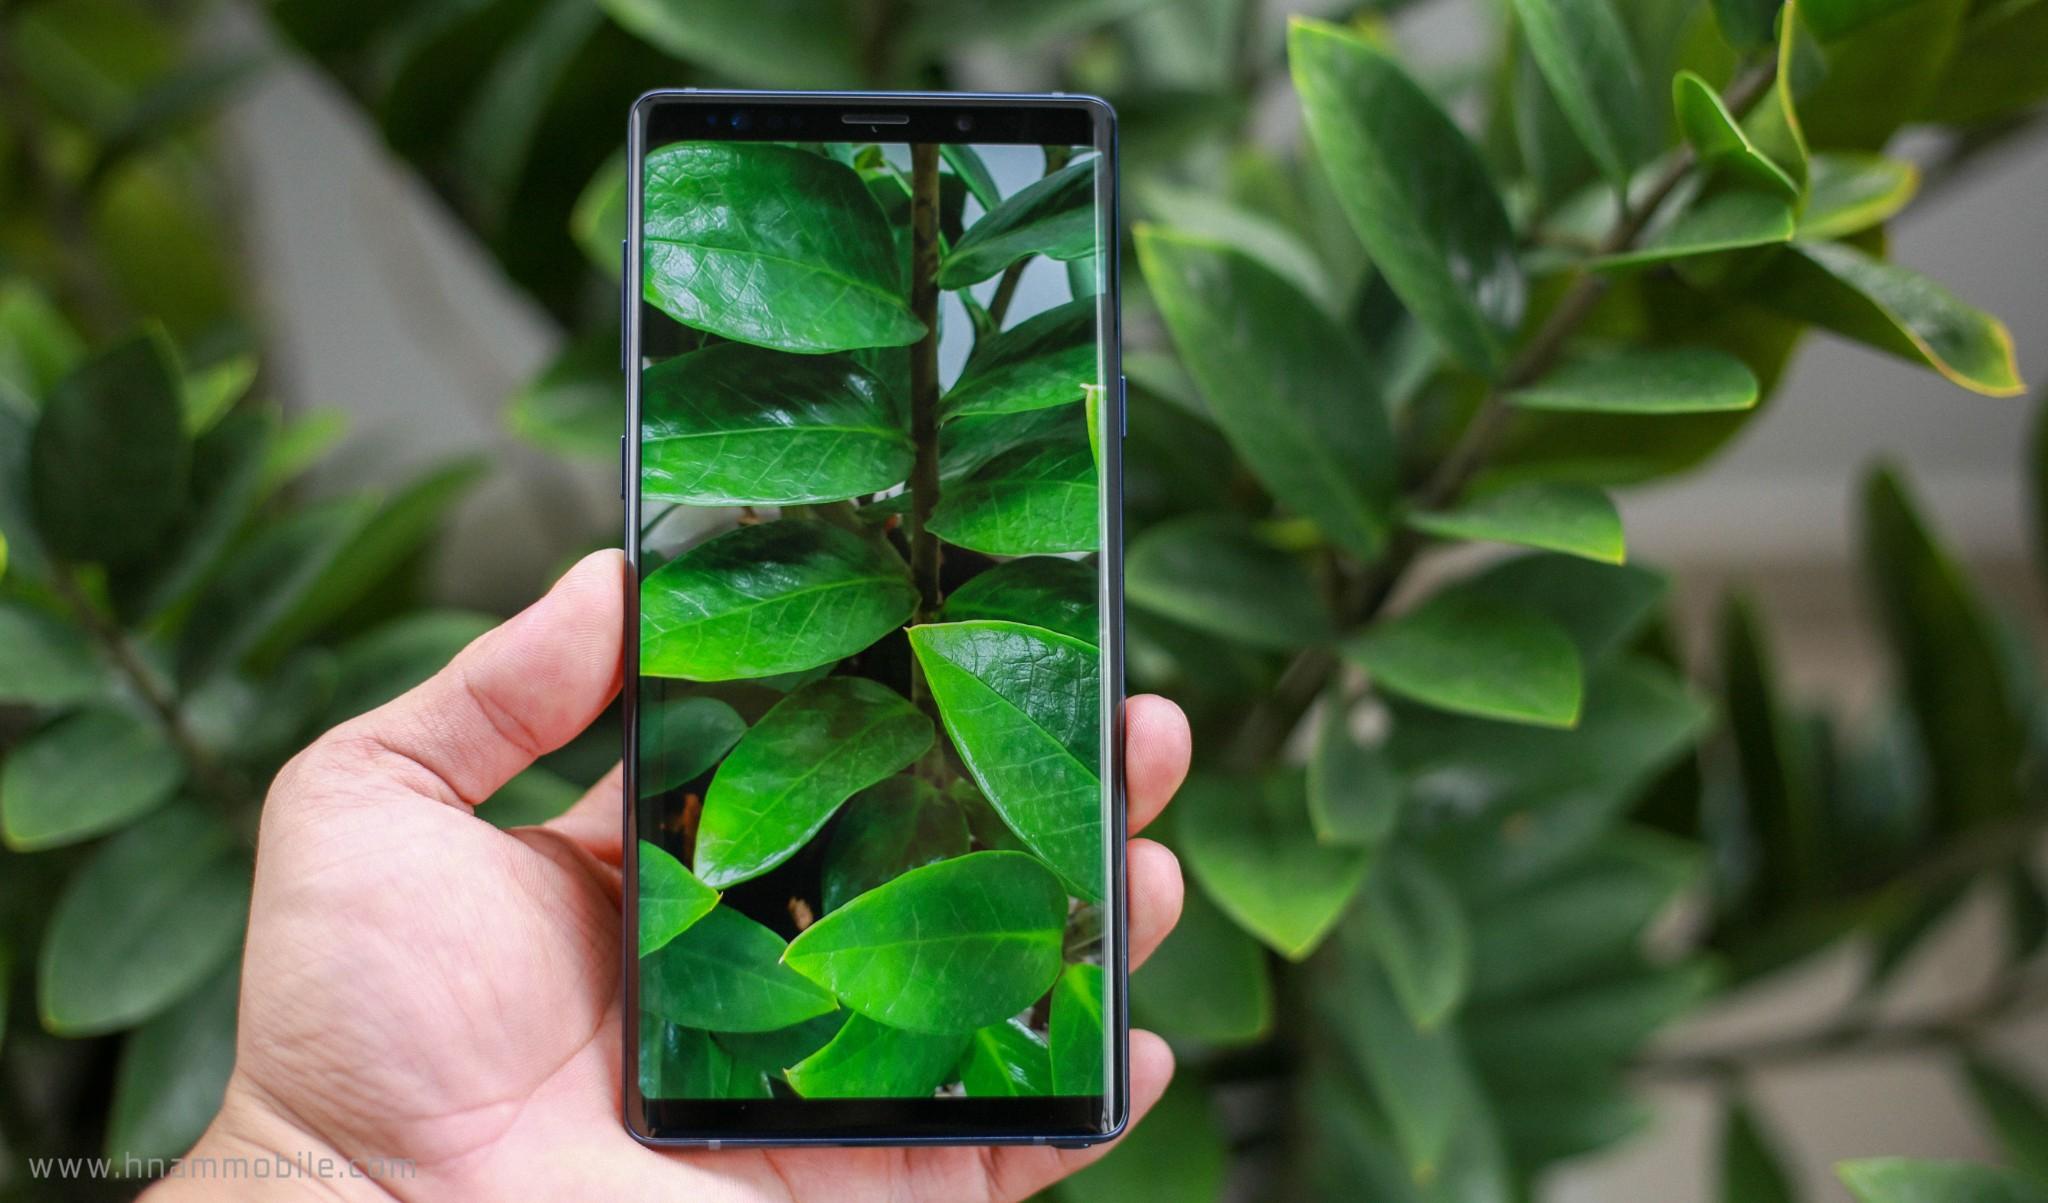 Đập hộp Galaxy Note 9 chính hãng phiên bản 512GB bán tại Việt Nam hình 13